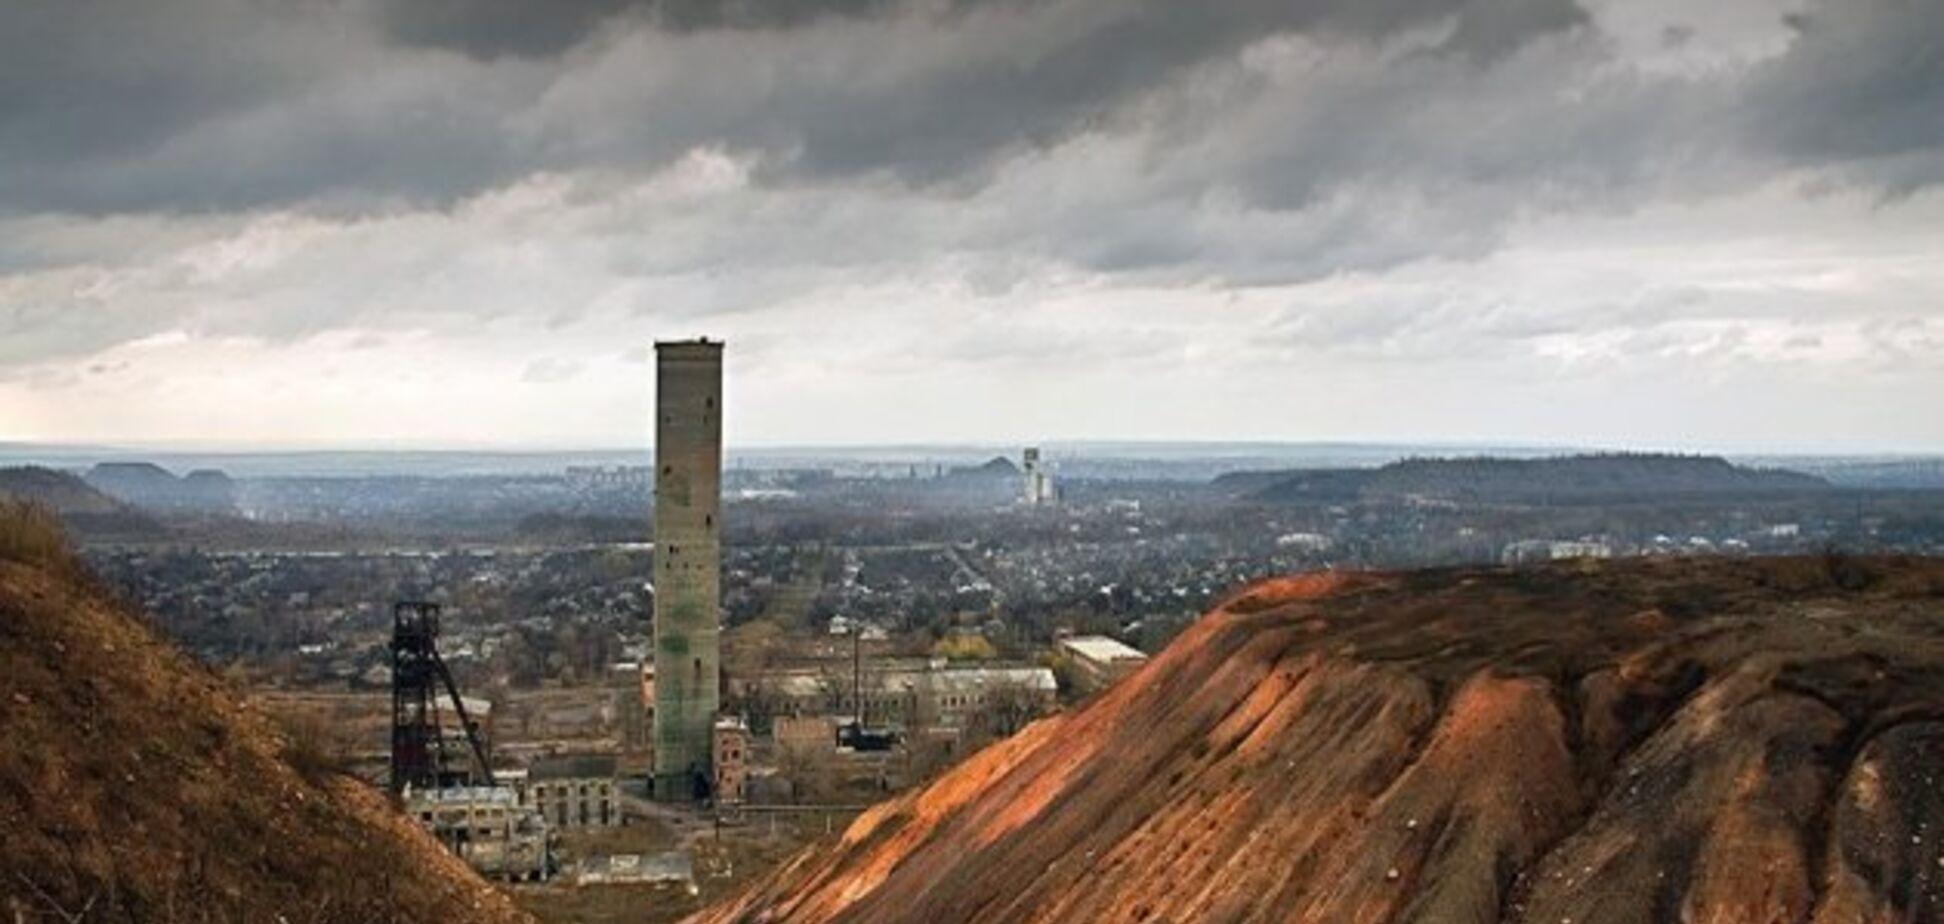 Экологическое бедствие на Донбассе: эксперт объяснила, как война убивает природу